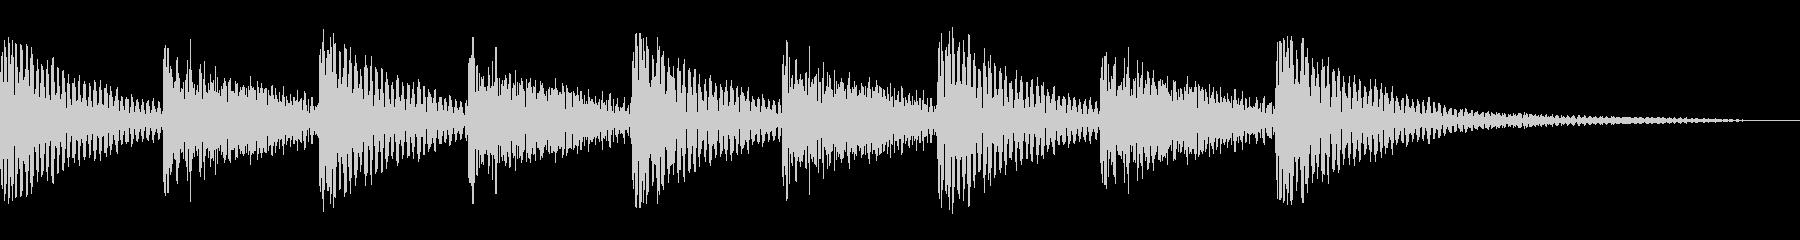 ティンパニ1エンディングの未再生の波形